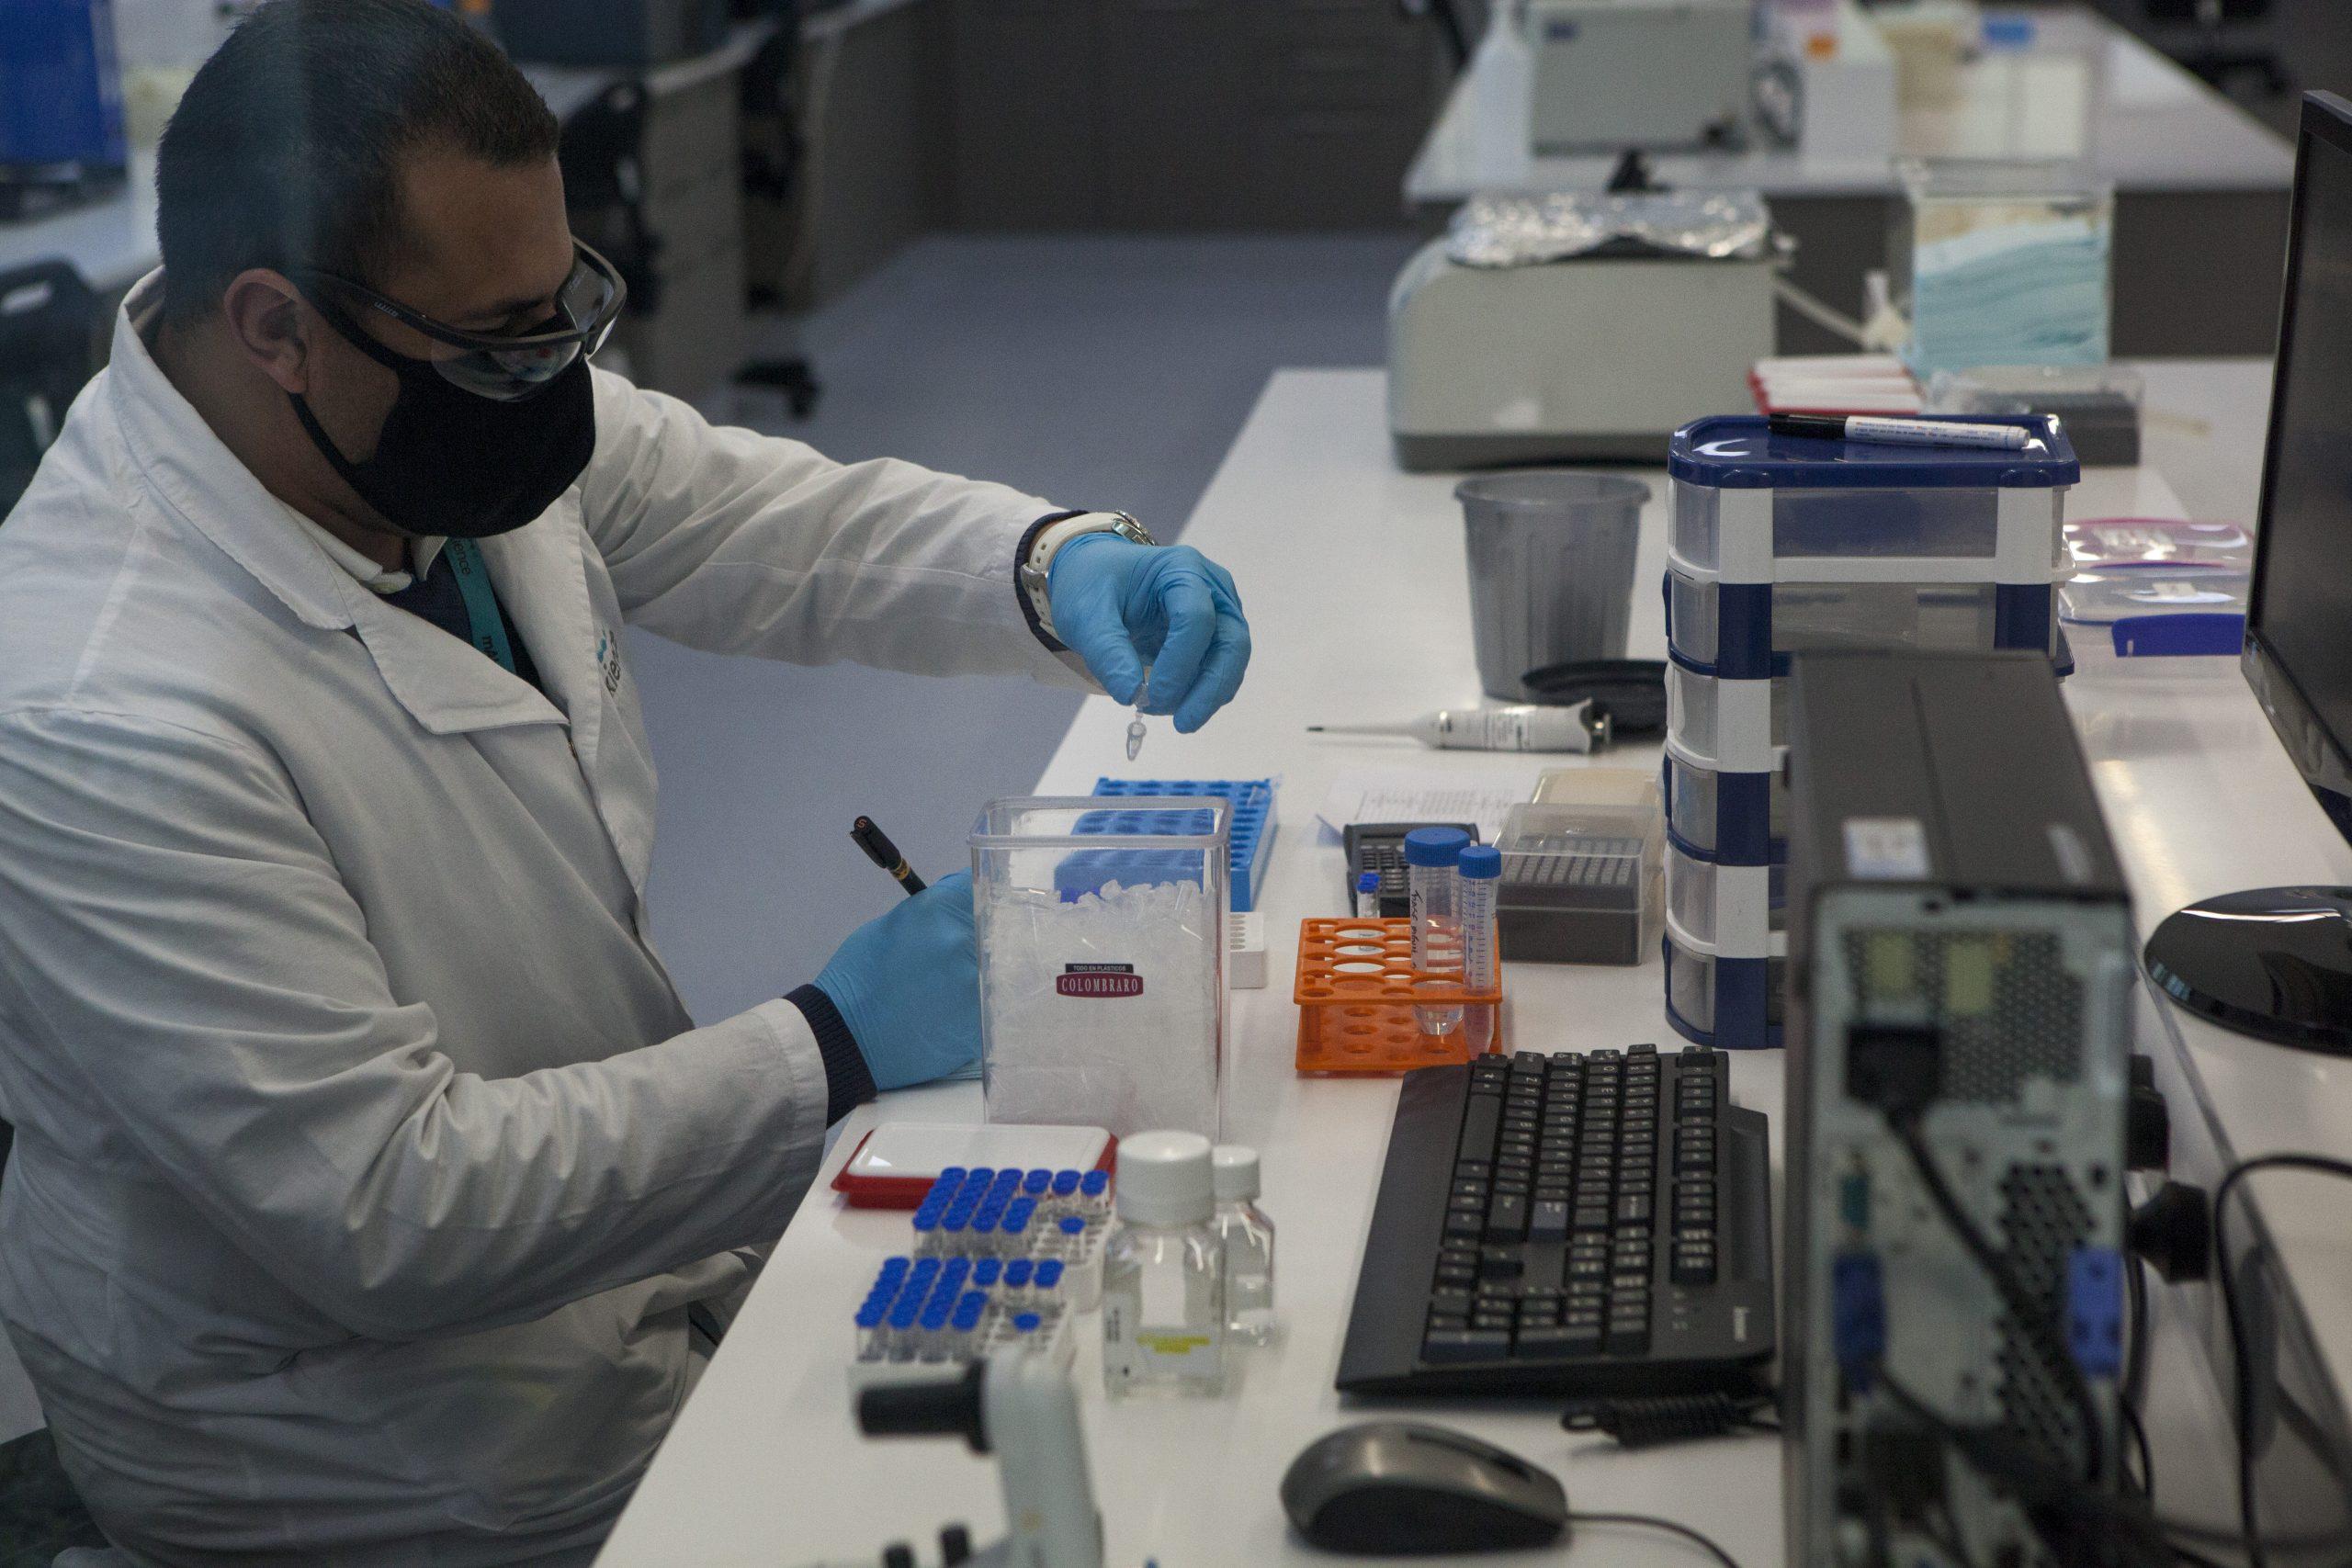 Oxford y AstraZeneca reanudan pruebas de su posible vacuna contra el coronavirus